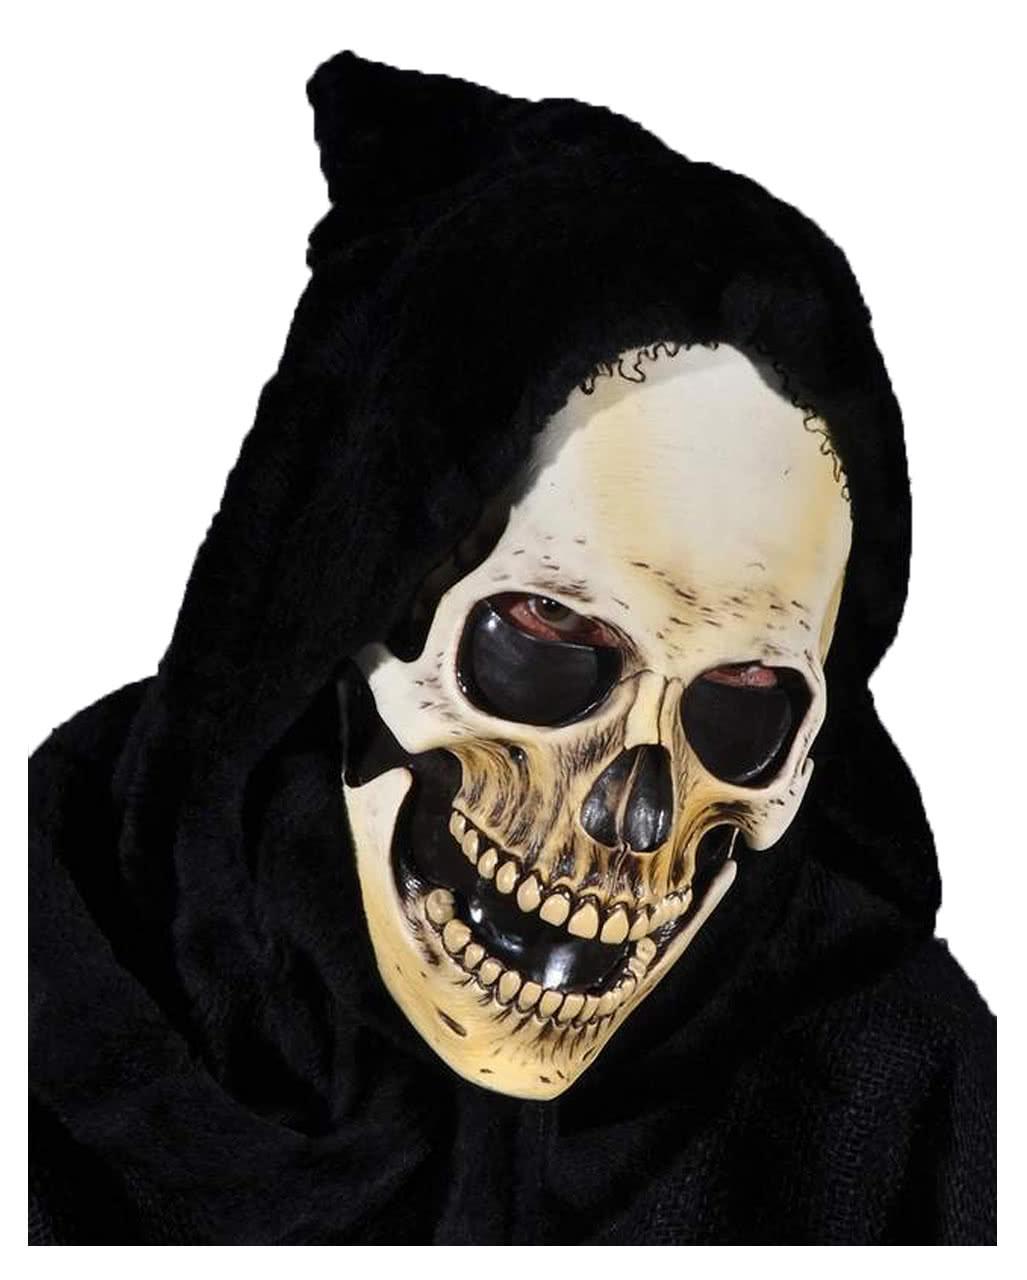 Hooded Skeleton Mask As a death skull mask | horror-shop.com